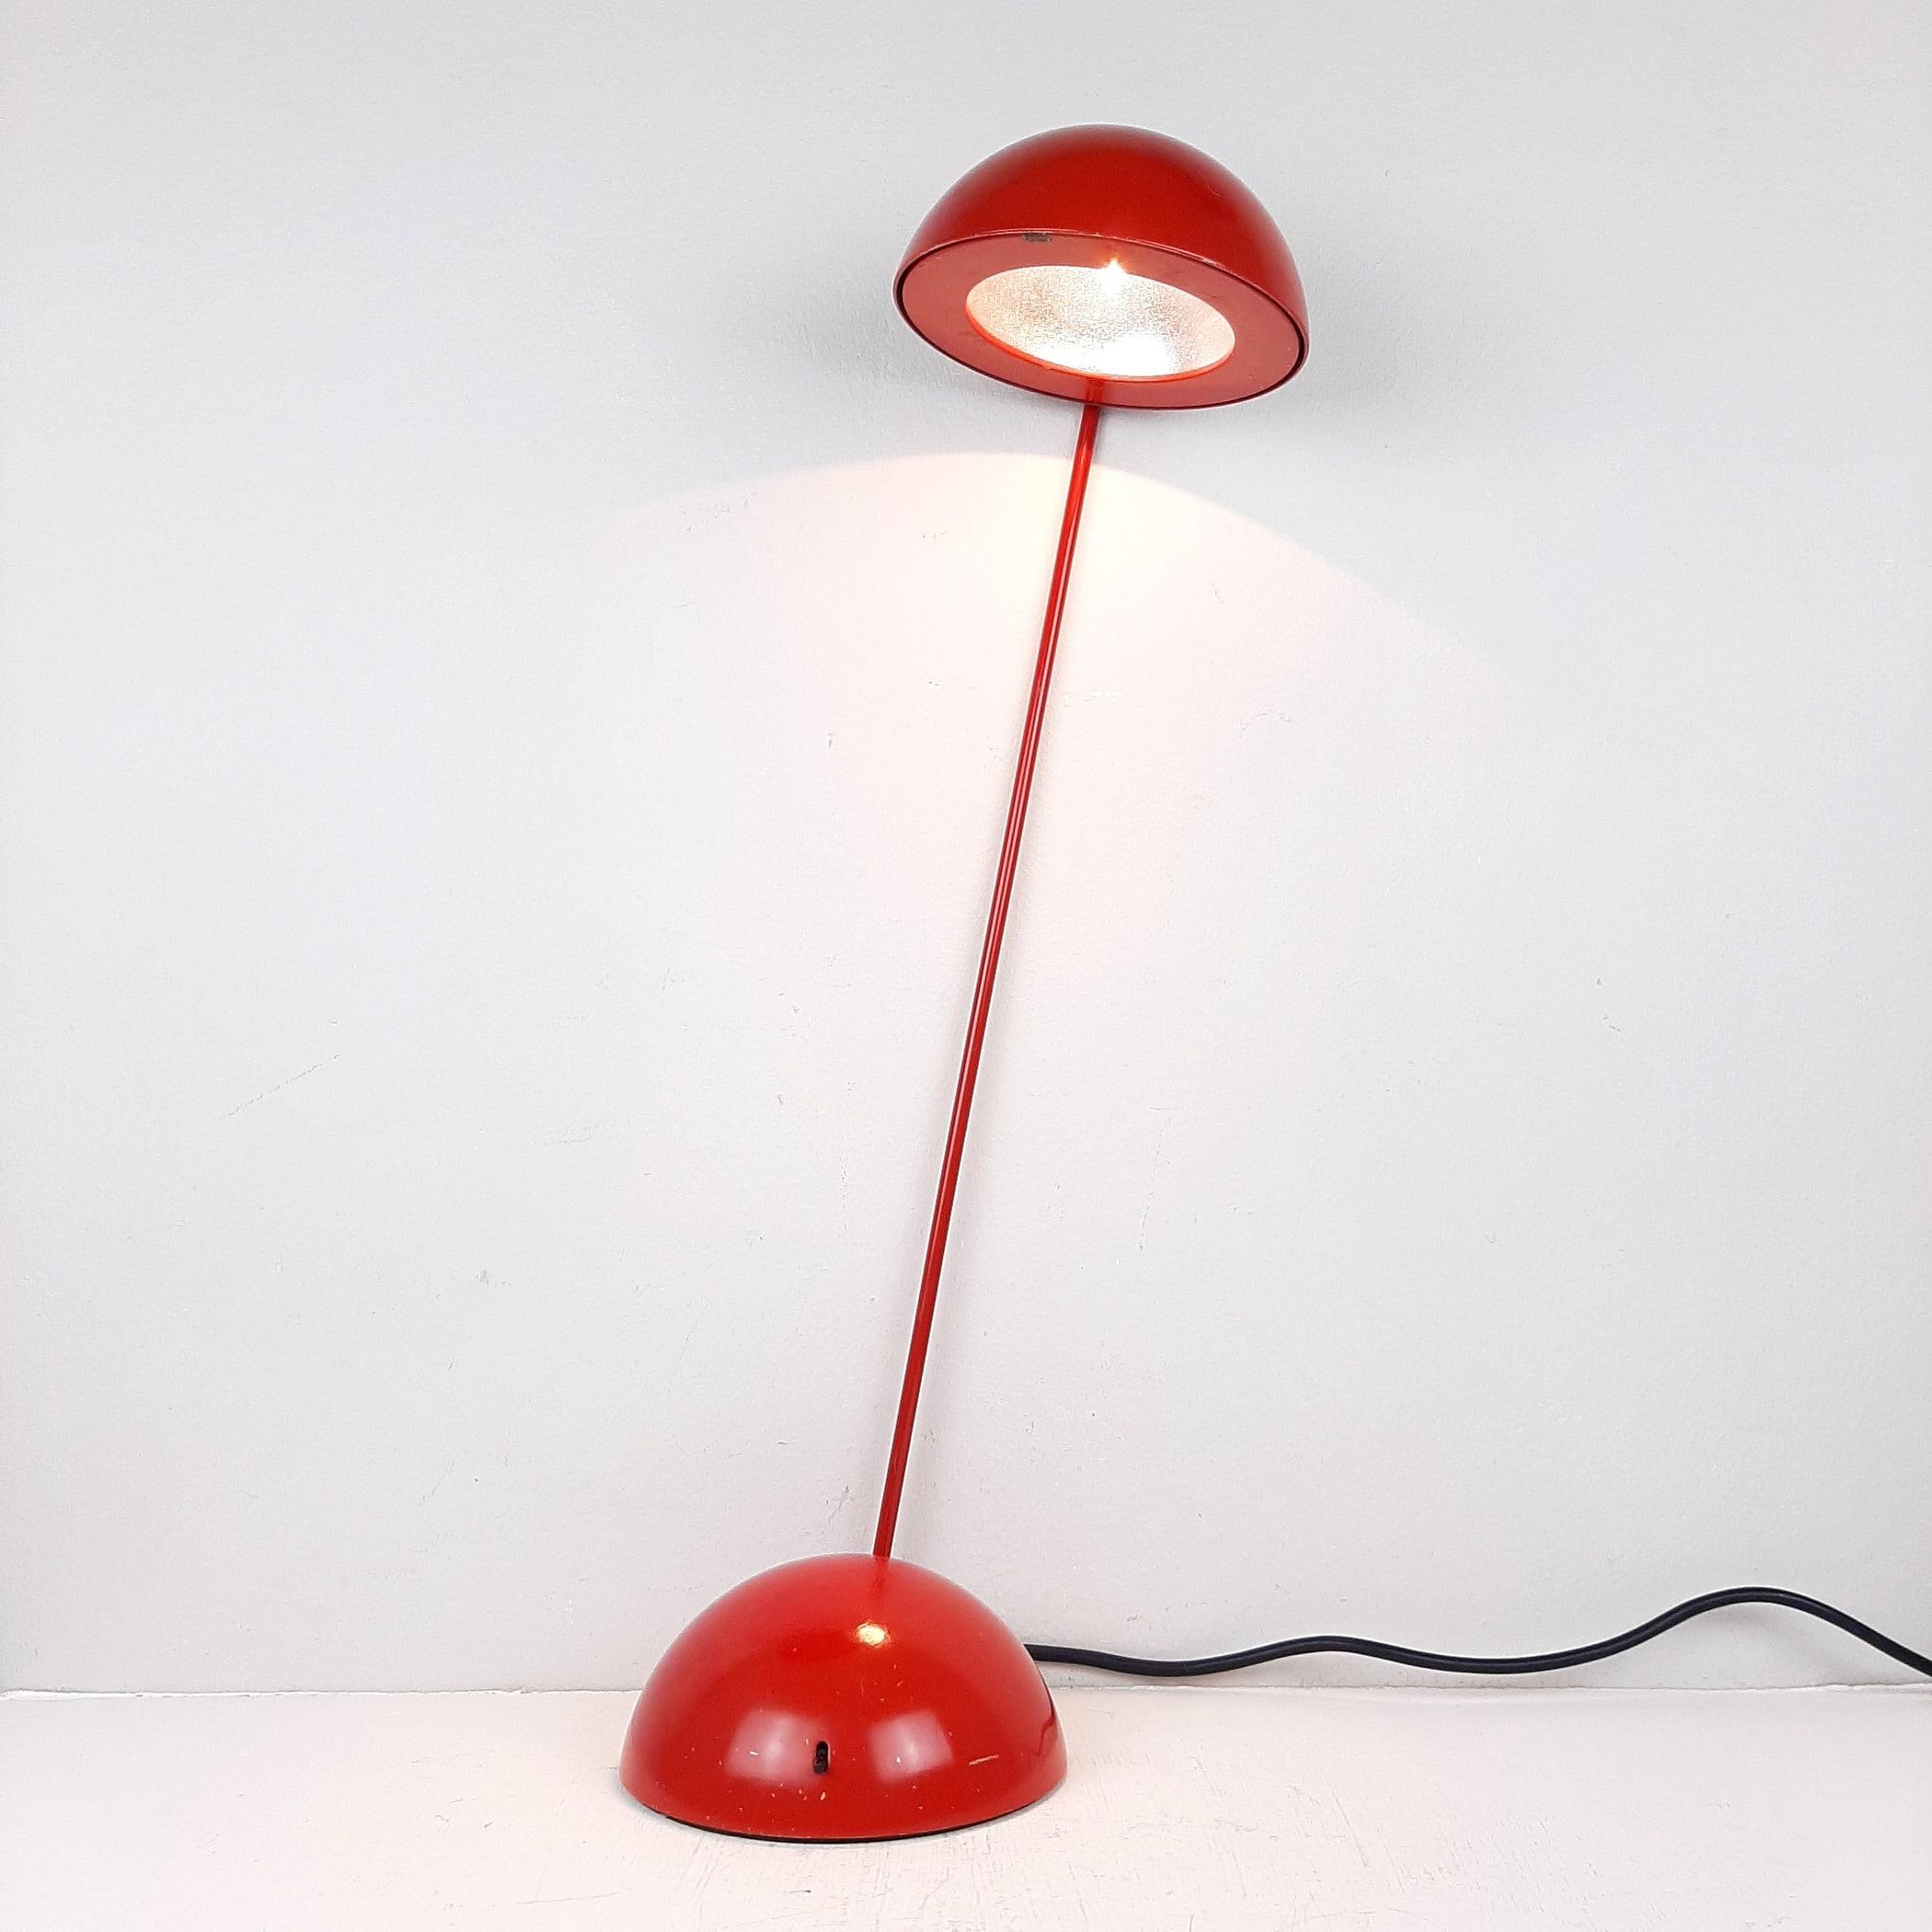 Retro red desk lamp 'Bikini' by Raul Barbieri & Giorgio Marianelli for Tronconi Italy 1980 Mid-century Italian design modern